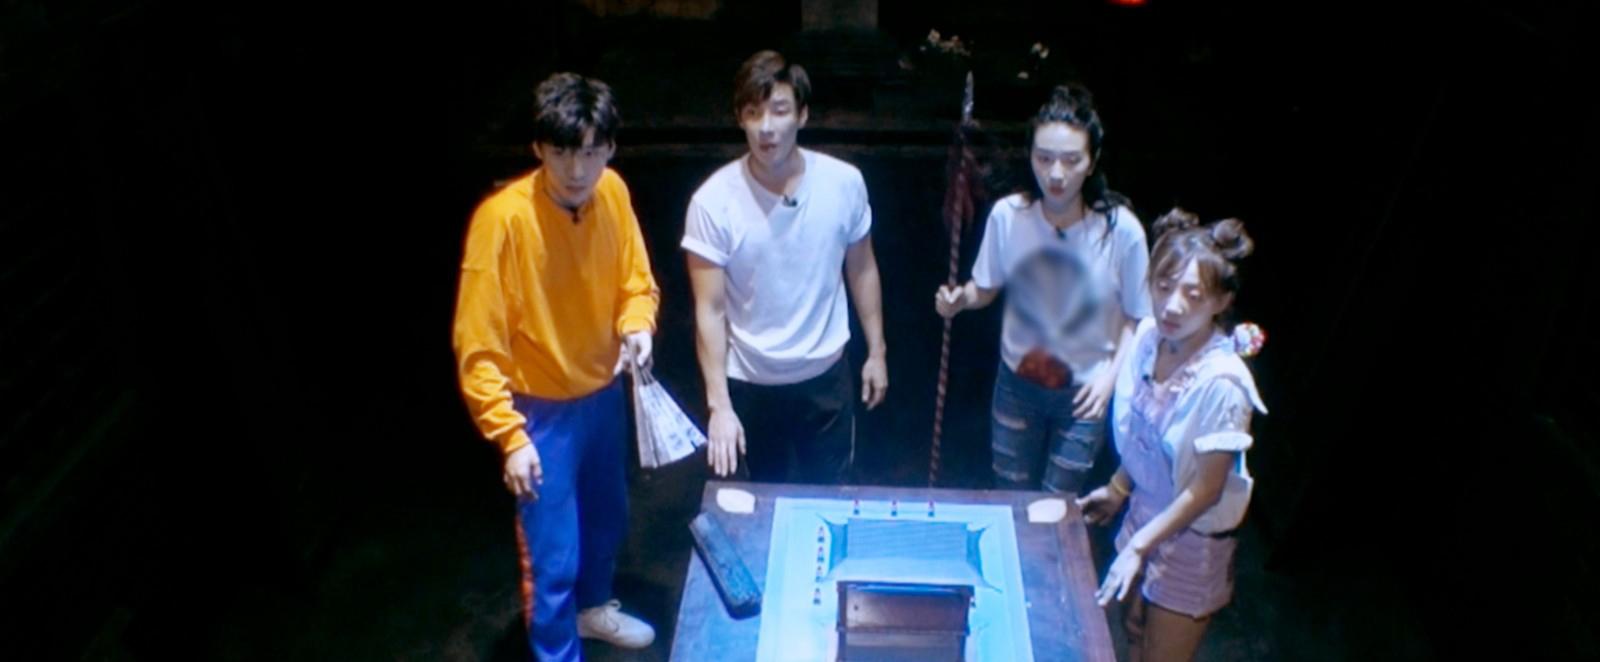 《暗夜古宅》王博文迷失梨园镜像世界